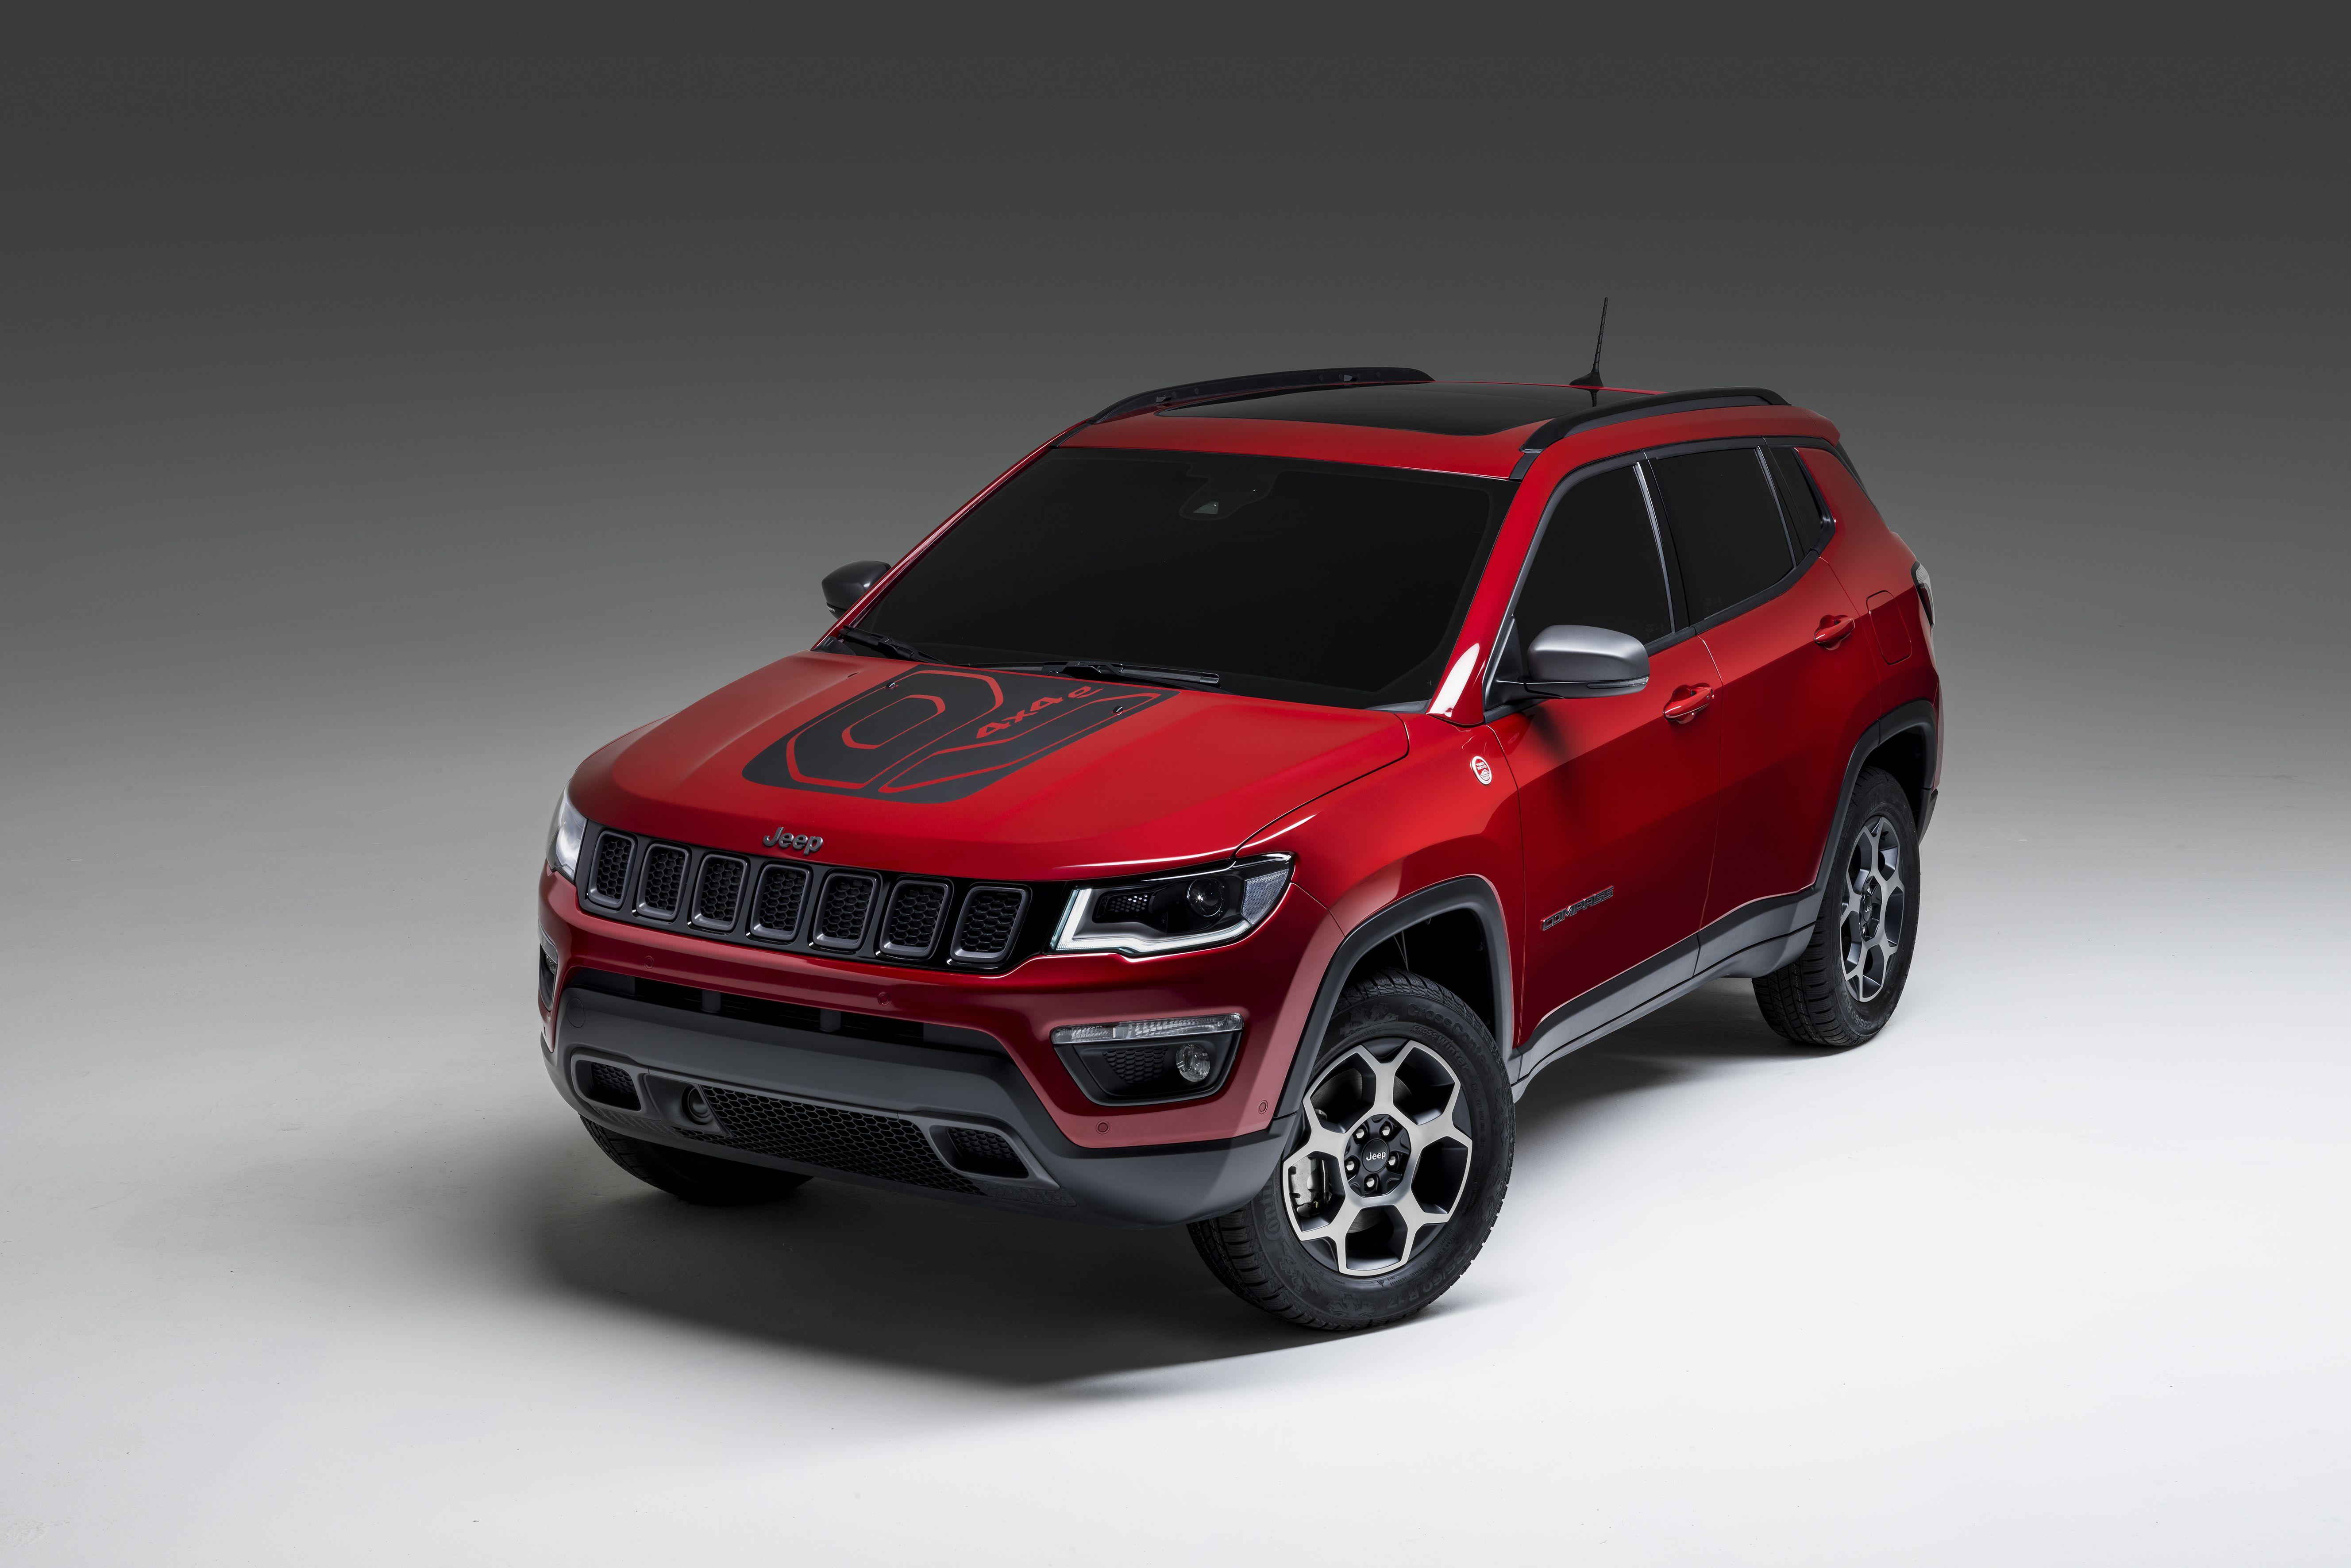 Auf Dem Genfer Autosalon 2019 Startete Jeep Mit Emobilitat Die Fca Tochter Prasentierte Plug In Hybrid Varianten 4x4 E In 2020 E Mobilitat Genfer Autosalon E Mobility